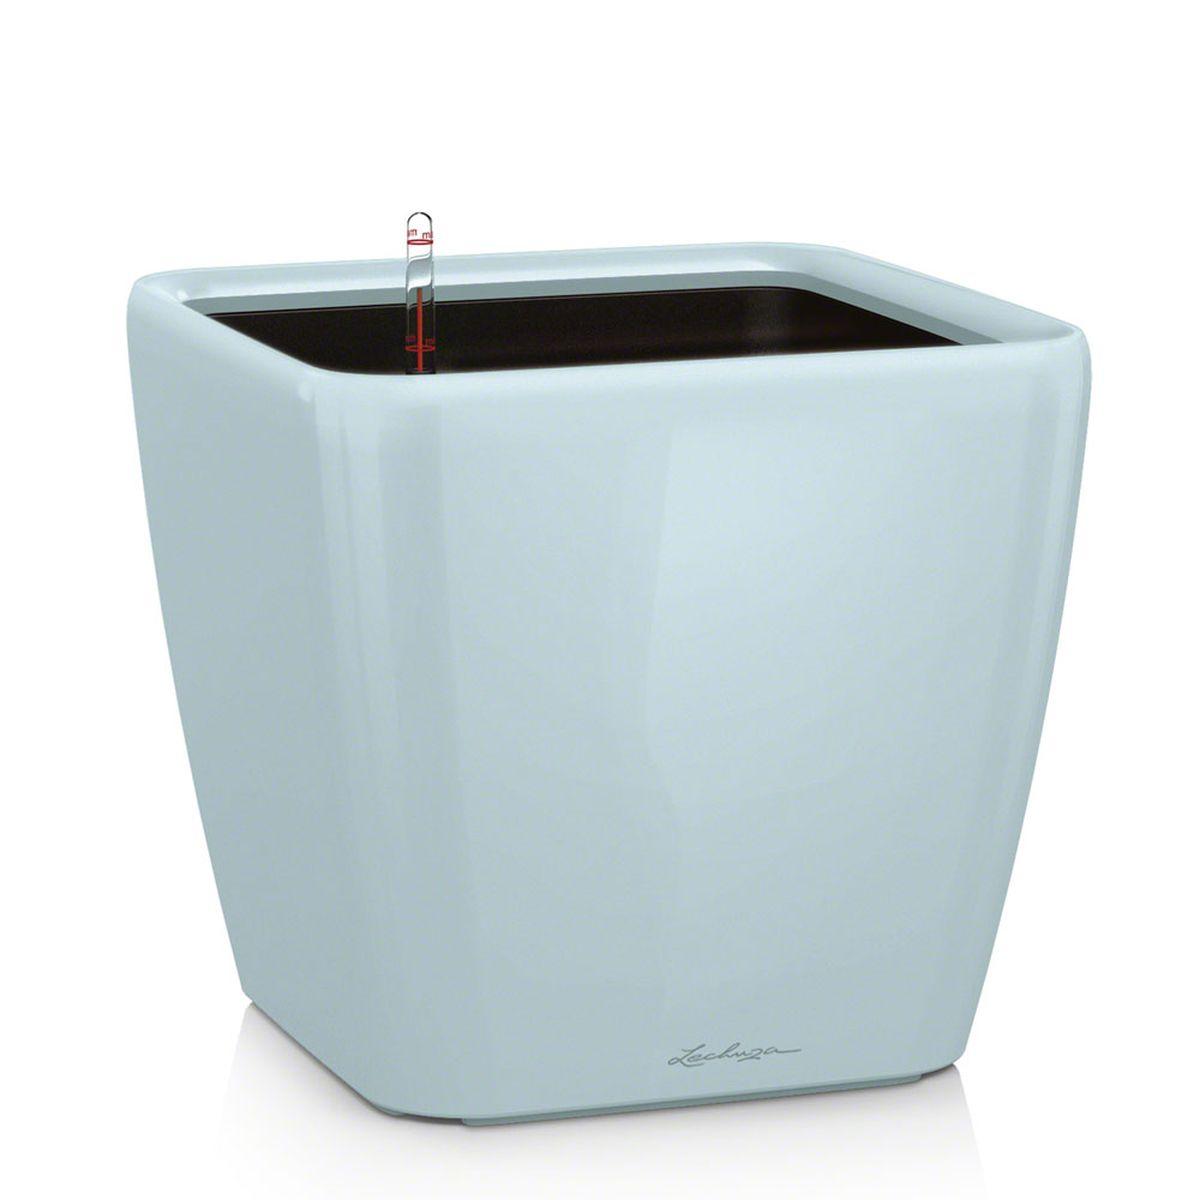 Кашпо Lechuza Quadro, с системой автополива, цвет: светло-голубой, 21 х 21 х 20 см16122Кашпо Lechuza Quadro, выполненное из высококачественного пластика, имеет уникальную систему автополива, благодаря которой корневая система растения непрерывно снабжается влагой из резервуара. Уровень воды в резервуаре контролируется с помощью специального индикатора. В зависимости от размера кашпо и растения воды хватает на 2-12 недель. Это способствует хорошему росту цветов и предотвращает переувлажнение. В набор входит: кашпо, внутренний горшок с выдвижной эргономичной ручкой, индикатор уровня воды, вал подачи воды, субстрат растений в качестве дренажного слоя, резервуар для воды. Кашпо Lechuza Quadro прекрасно впишется в любой интерьер. Оно поможет расставить нужные акценты, а также придаст помещению вид, соответствующий вашим представлениям.